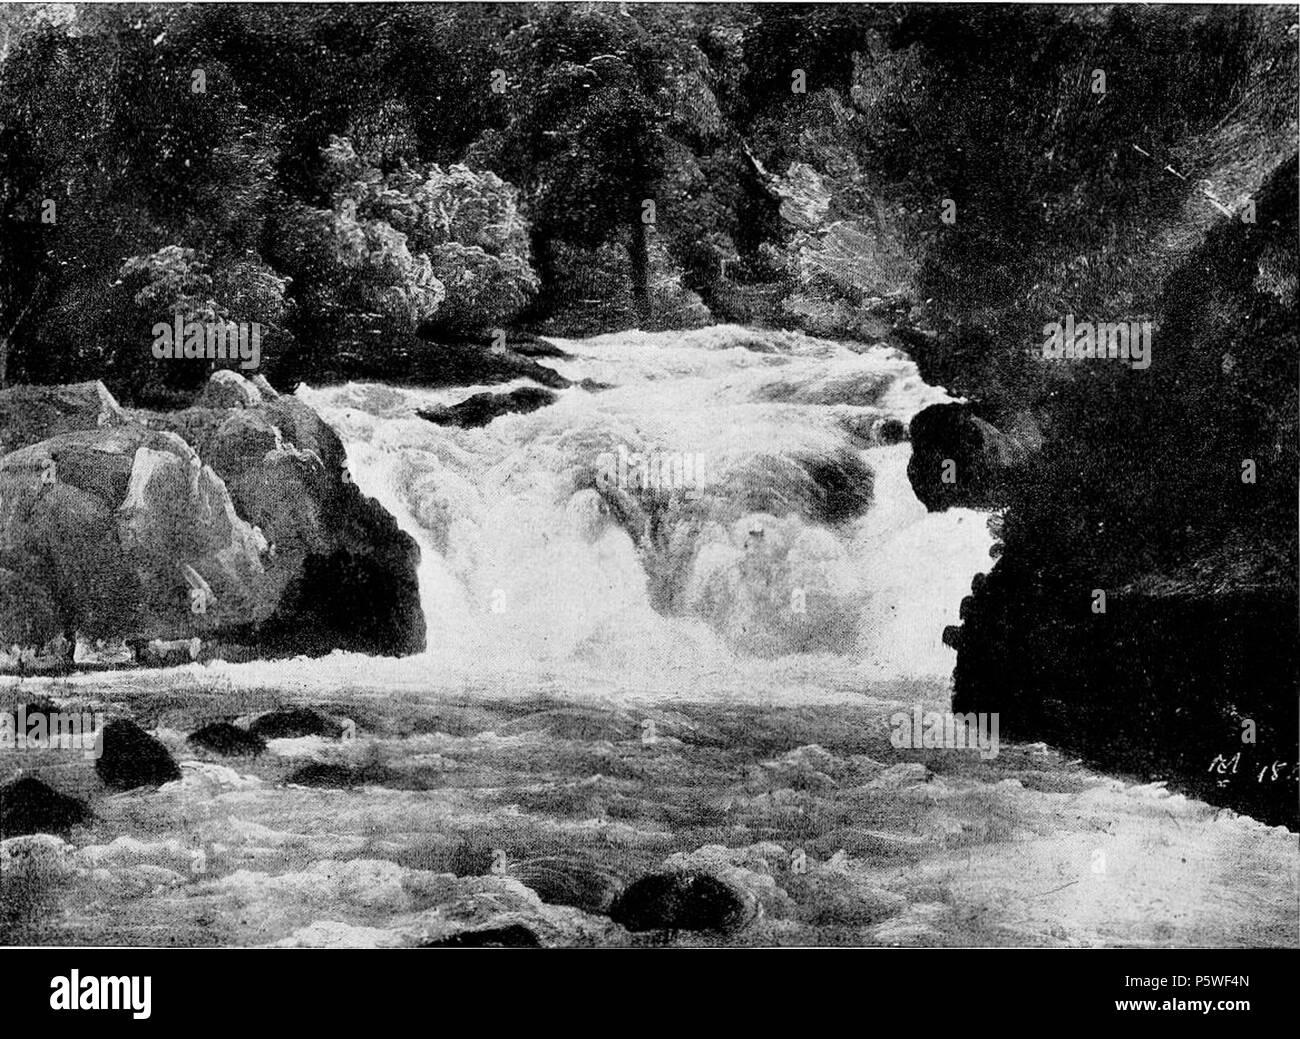 Wasserfall in Oberbayern  1830. N/A 342 Chr. Morgenstern - Wasserfall in Oberbayern (1830) Stock Photo